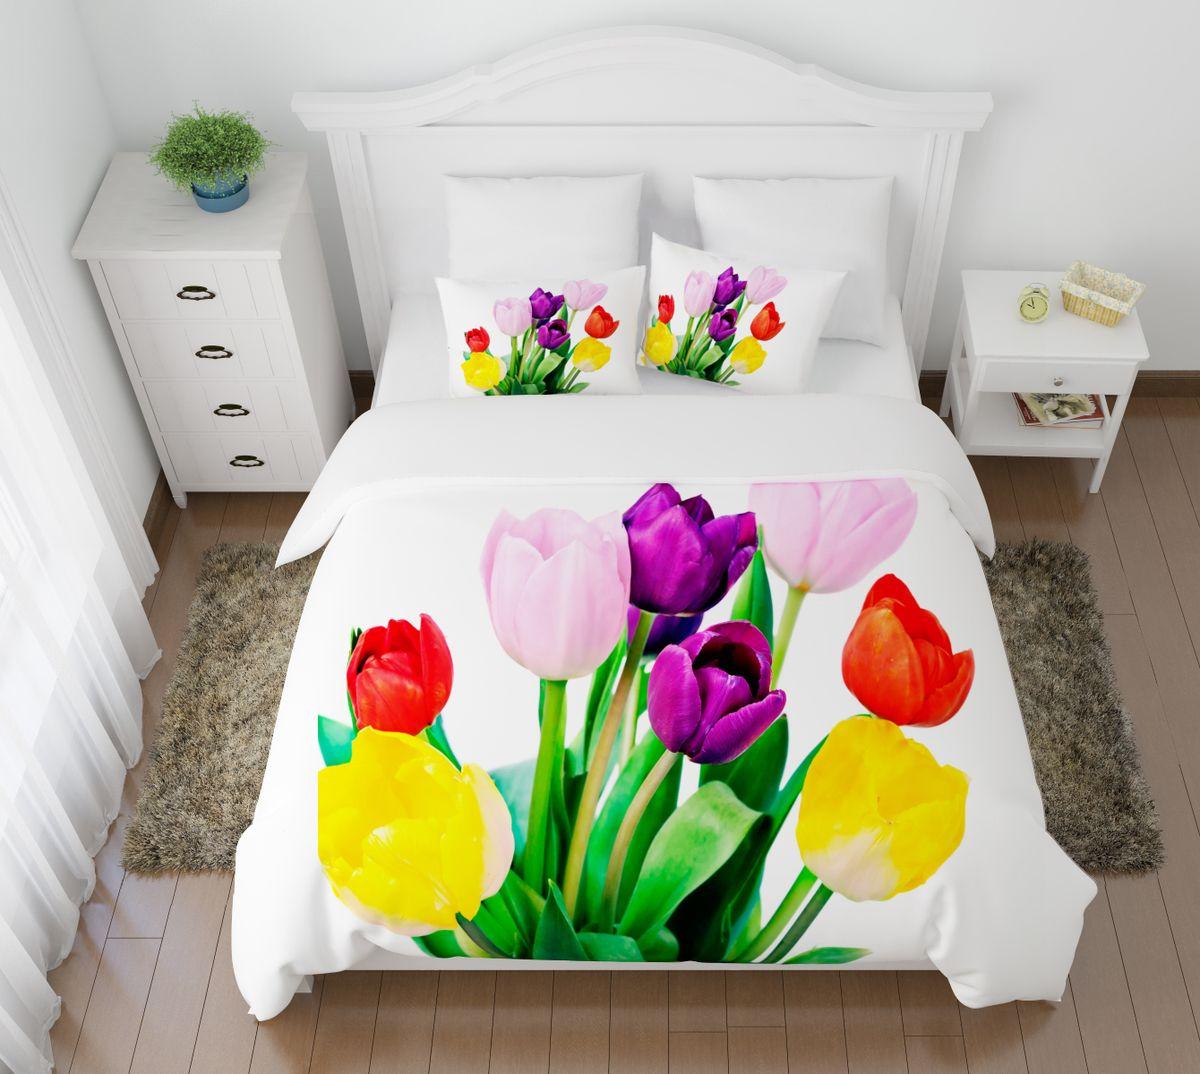 Комплект белья Сирень Весенние цветы, семейный, наволочки 50х70, 70х70391602Комплект постельного белья Сирень выполнен из прочной и мягкой ткани. Четкий и стильный рисунок в сочетании с насыщенными красками делают комплект постельного белья неповторимой изюминкой любого интерьера.Постельное белье идеально подойдет для подарка. Идеальное соотношение смешенной ткани и гипоаллергенных красок - это гарантия здорового, спокойного сна. Ткань хорошо впитывает влагу, надолго сохраняет яркость красок.В комплект входят: простынь, пододеяльник, четыре наволочки. Постельное белье легко стирать при 30-40°С, гладить при 150°С, не отбеливать. Рекомендуется перед первым использованием постирать.УВАЖАЕМЫЕ КЛИЕНТЫ! Обращаем ваше внимание, что цвет простыни, пододеяльника, наволочки в комплектации может немного отличаться от представленного на фото.